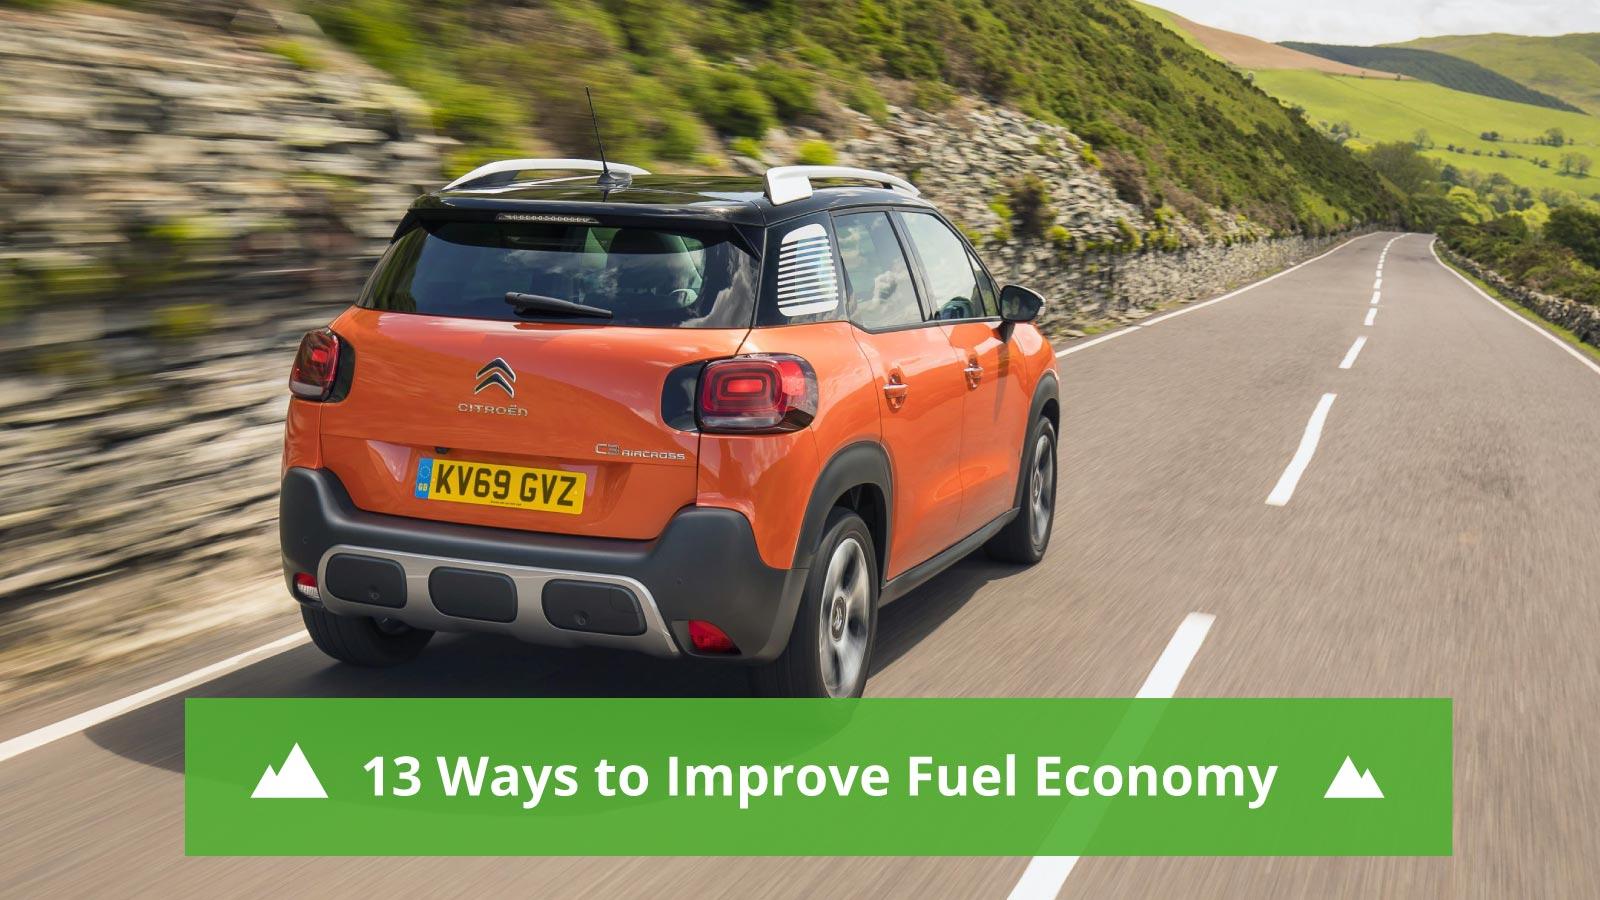 13 Ways to Improve Fuel Economy